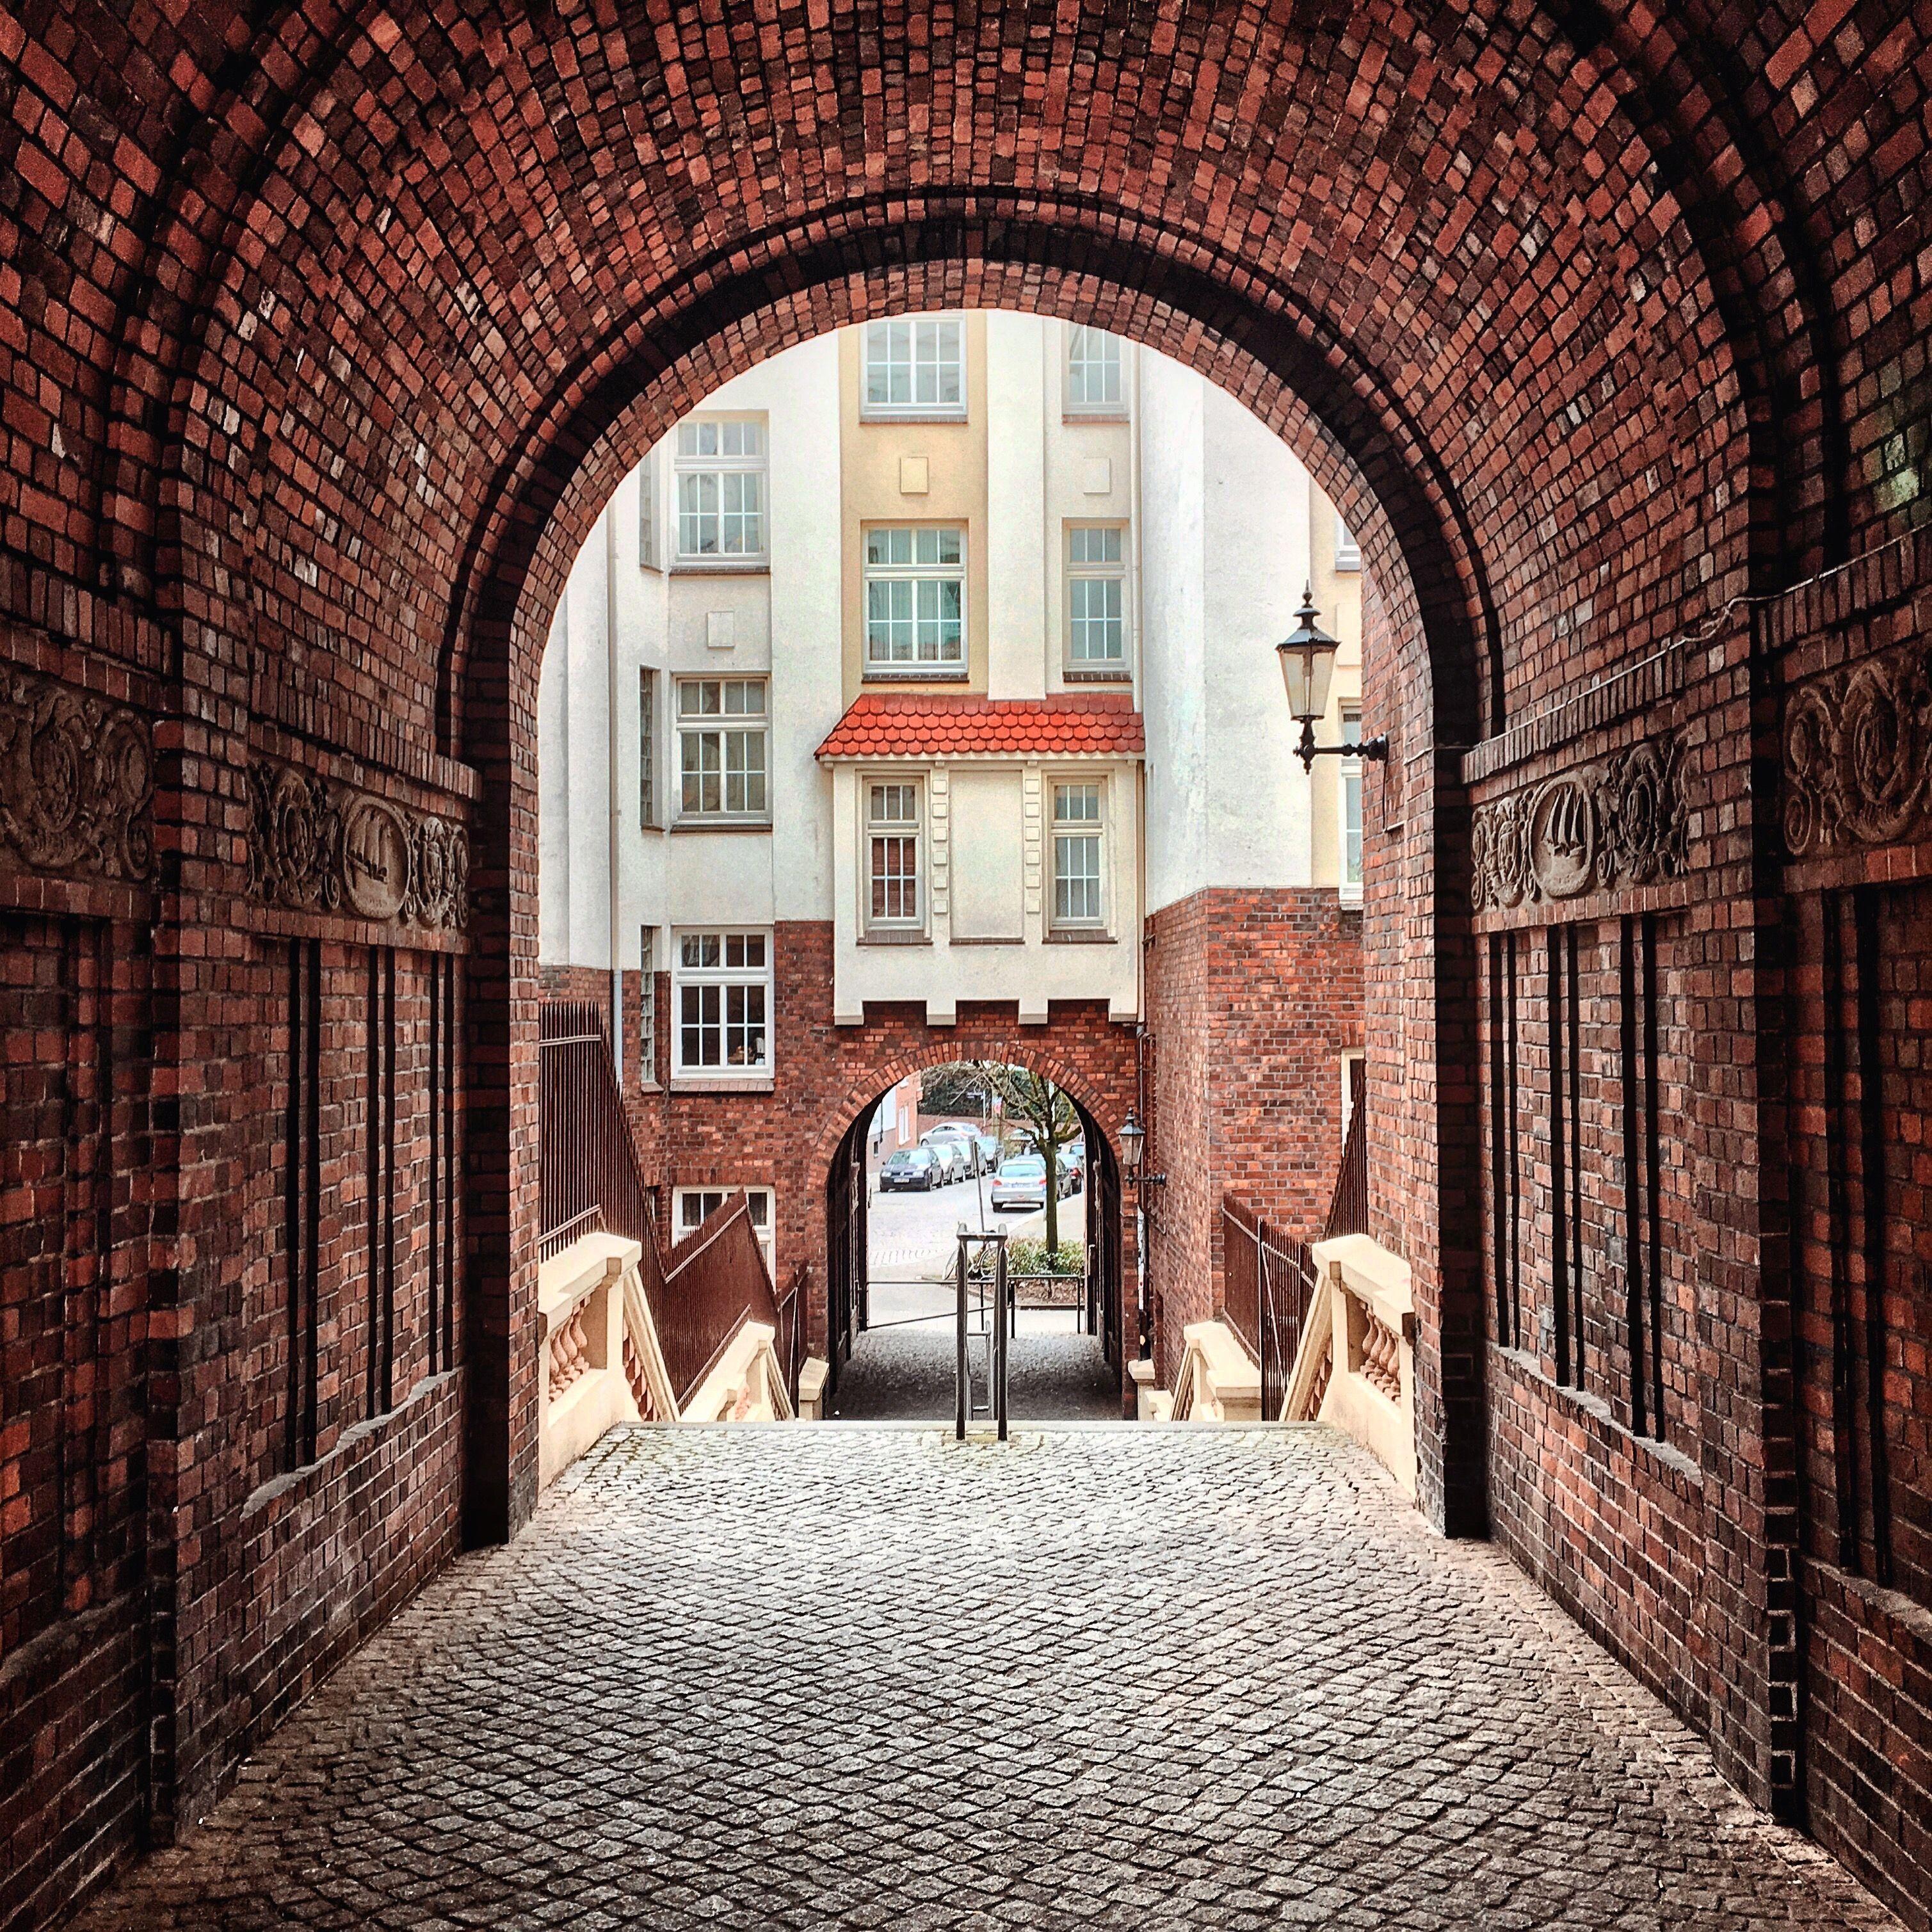 Hamburger Backstein Beauties 12 Architektur Highlights Backsteinbau Hamburg Architektur